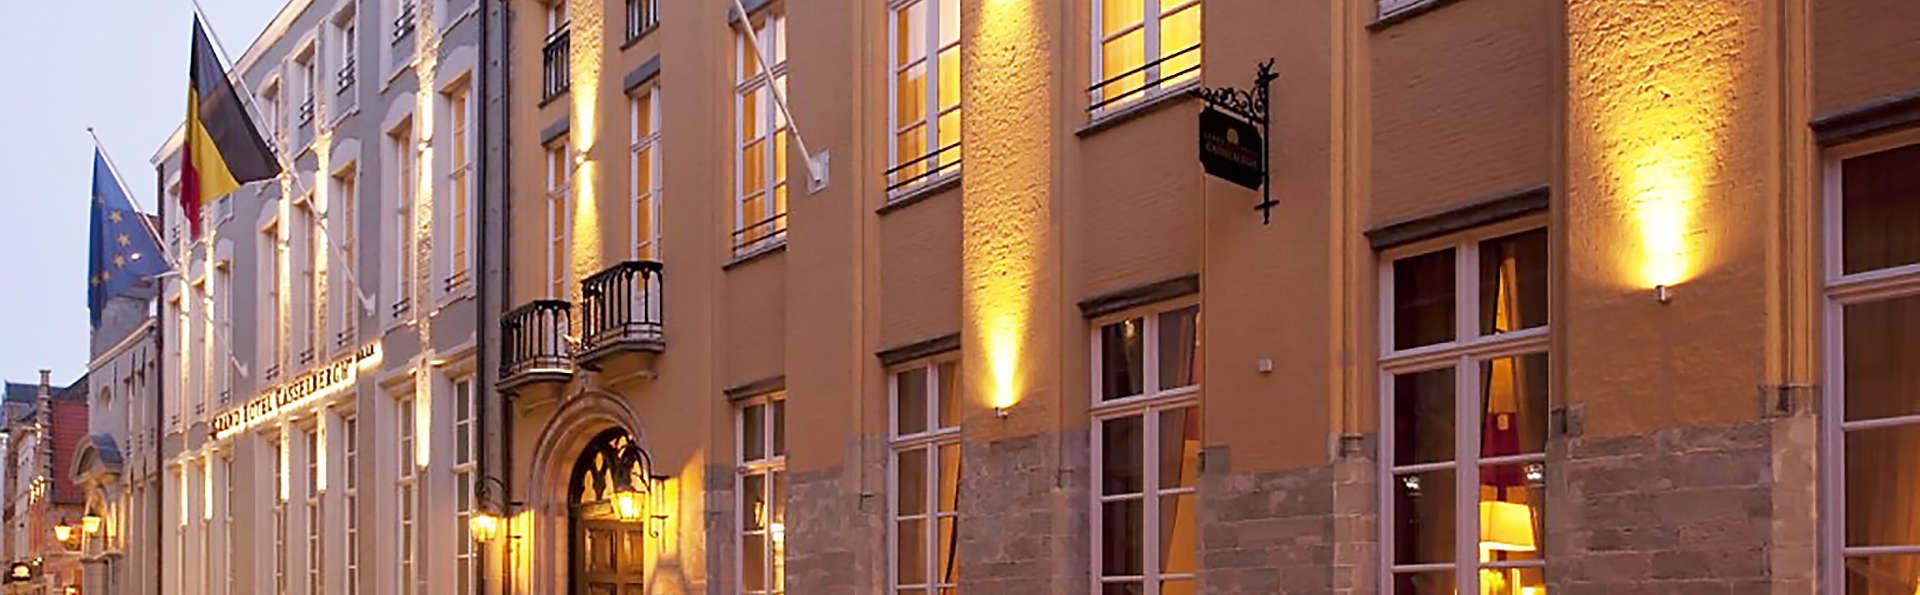 Grand Hotel Casselbergh Brugge - EDIT_ext4.jpg